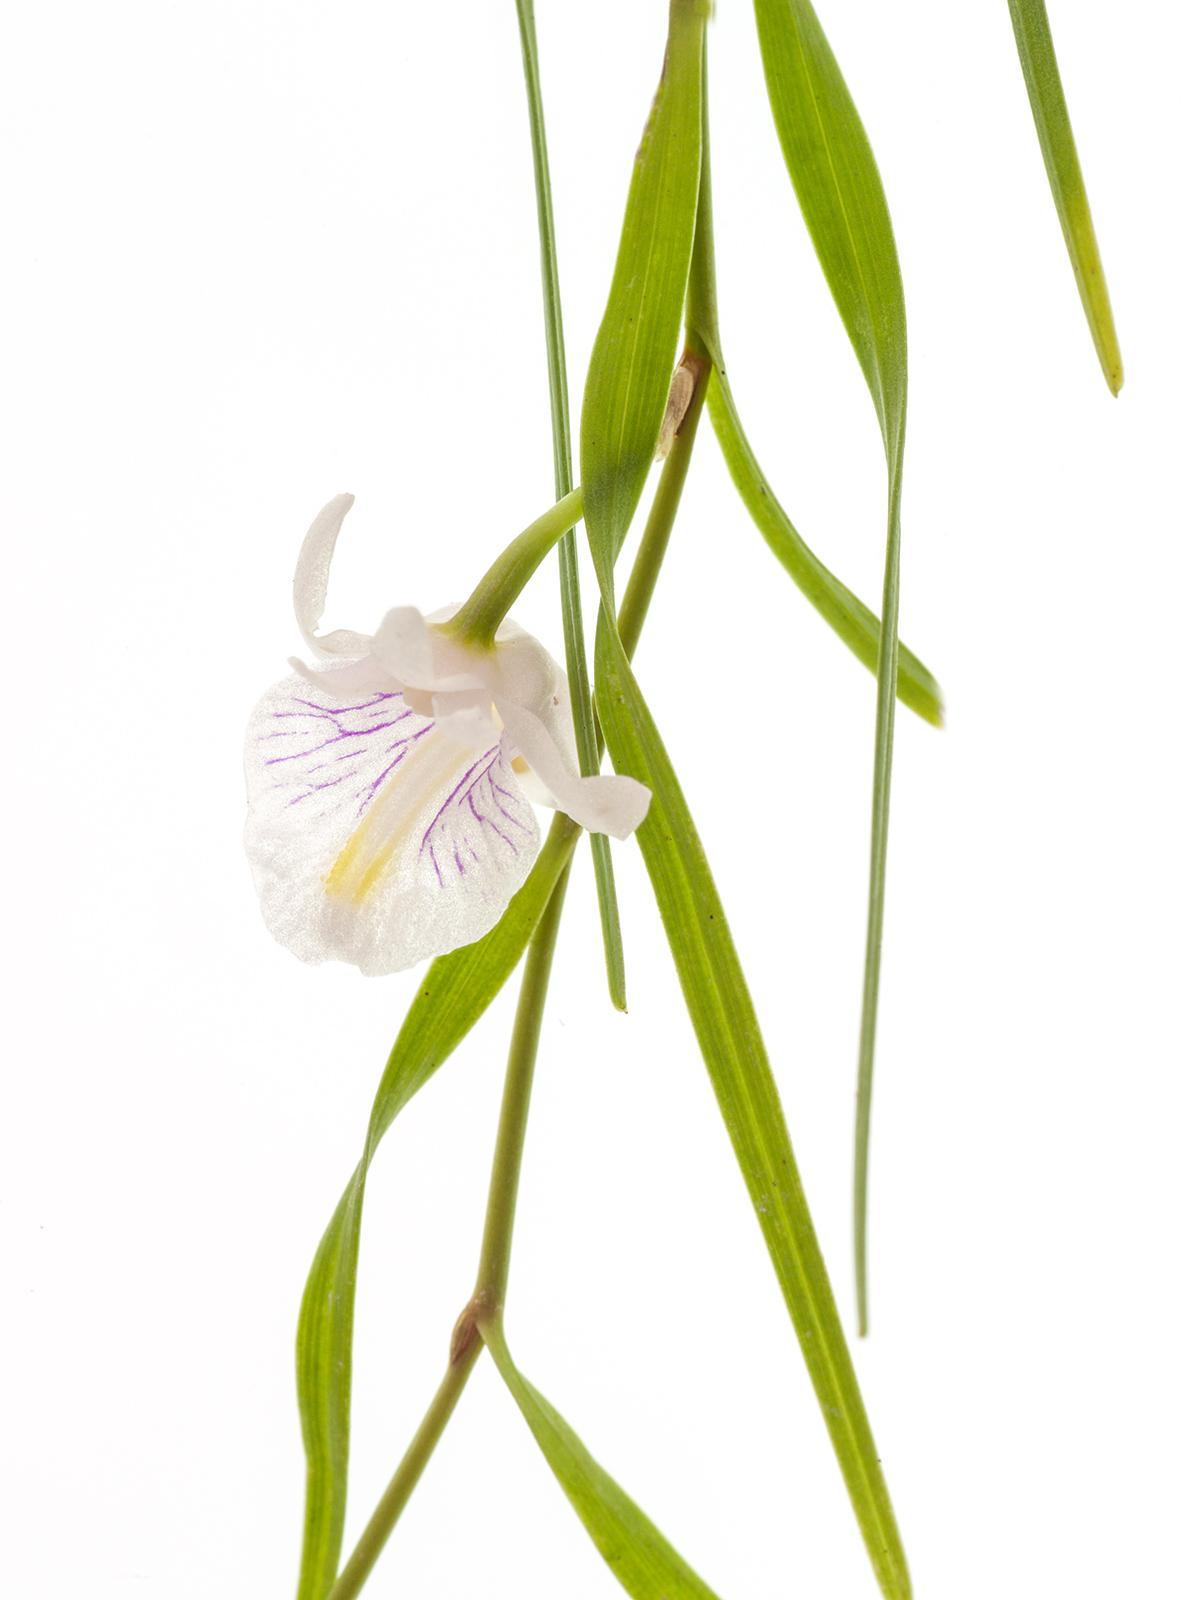 Dendrobium tenellum(aufgebunden)